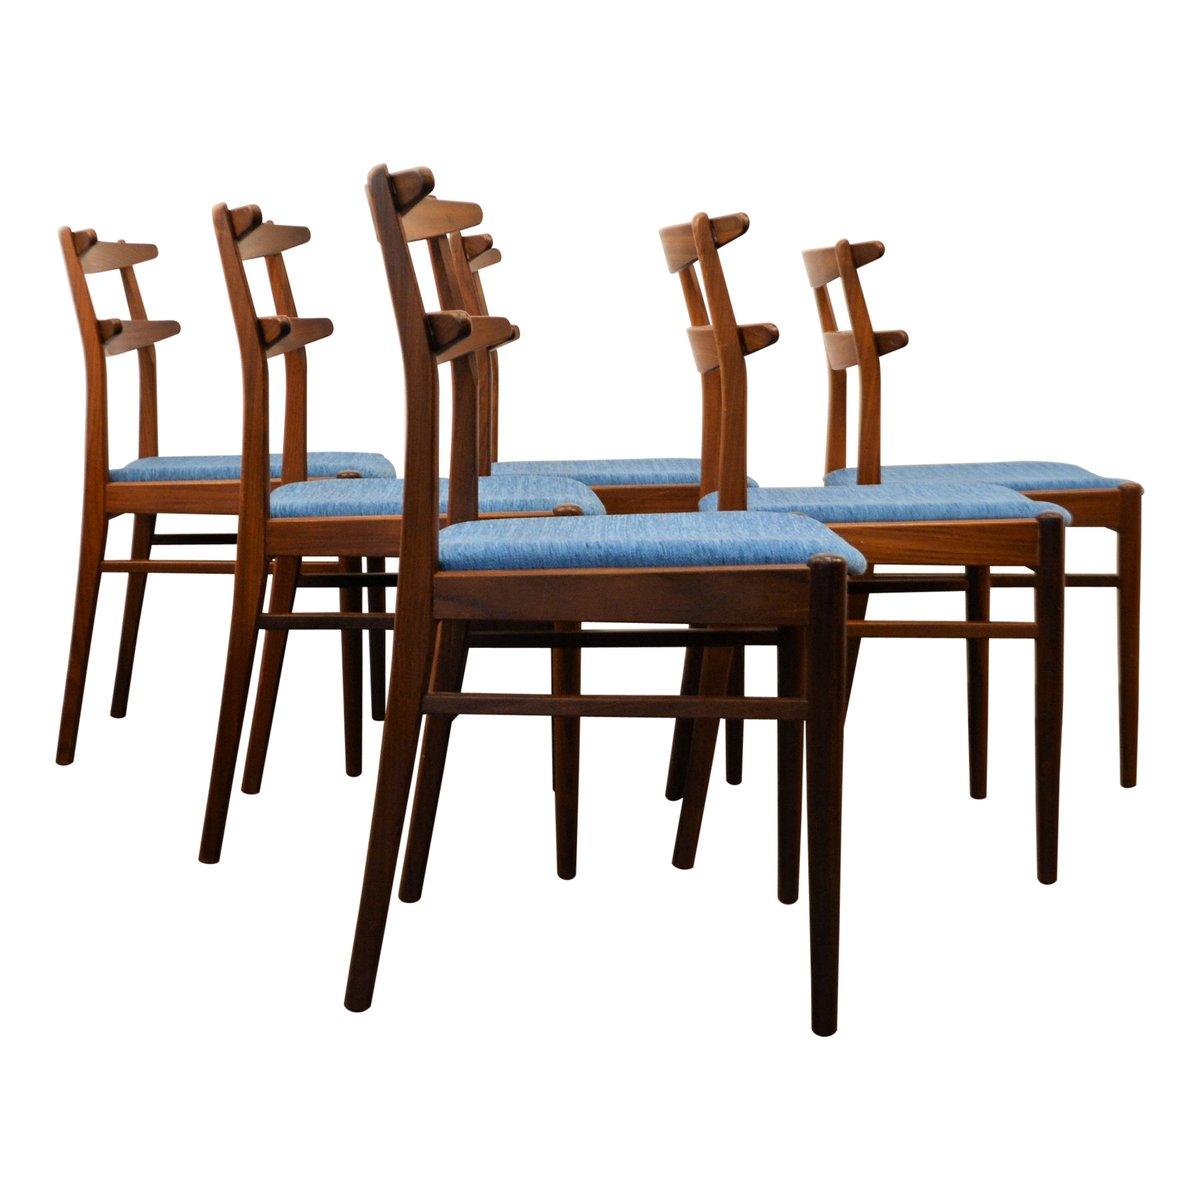 d nische teak esszimmerst hle 1960er 6er set bei pamono. Black Bedroom Furniture Sets. Home Design Ideas